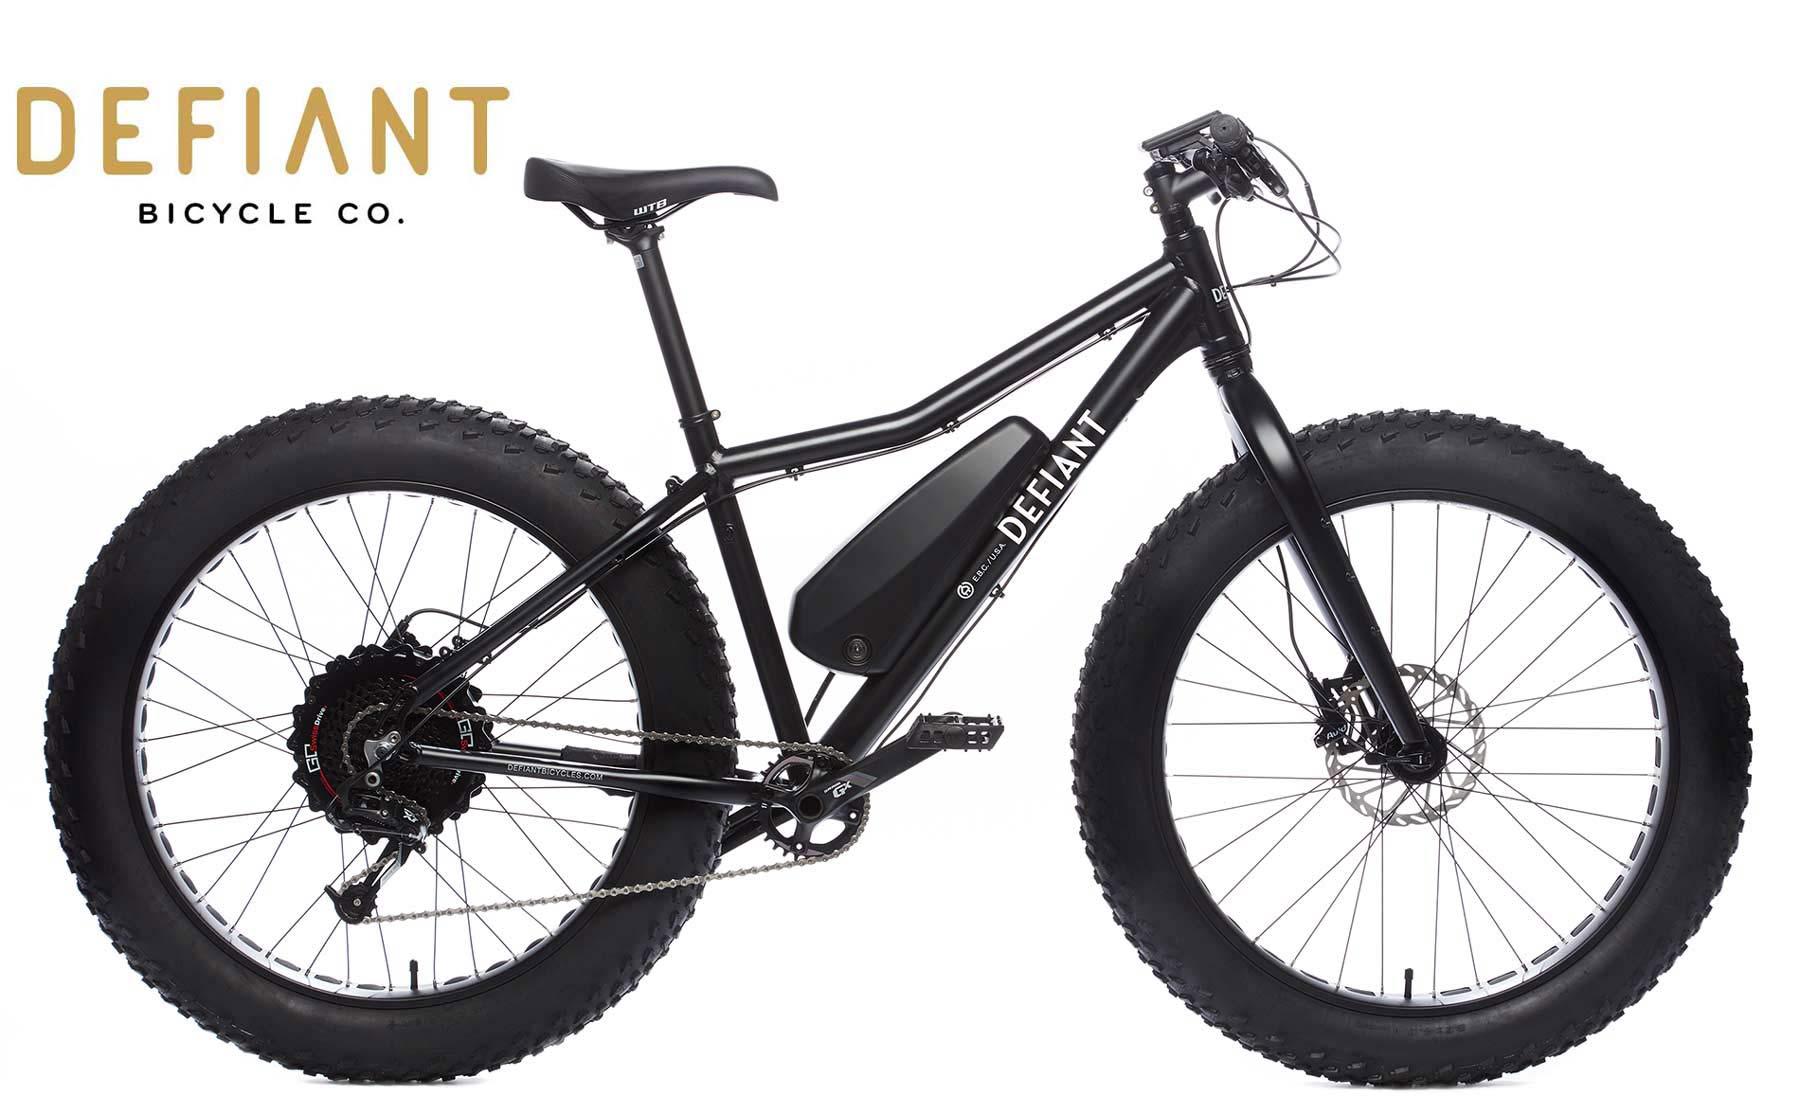 defiant-one-bike-logo3